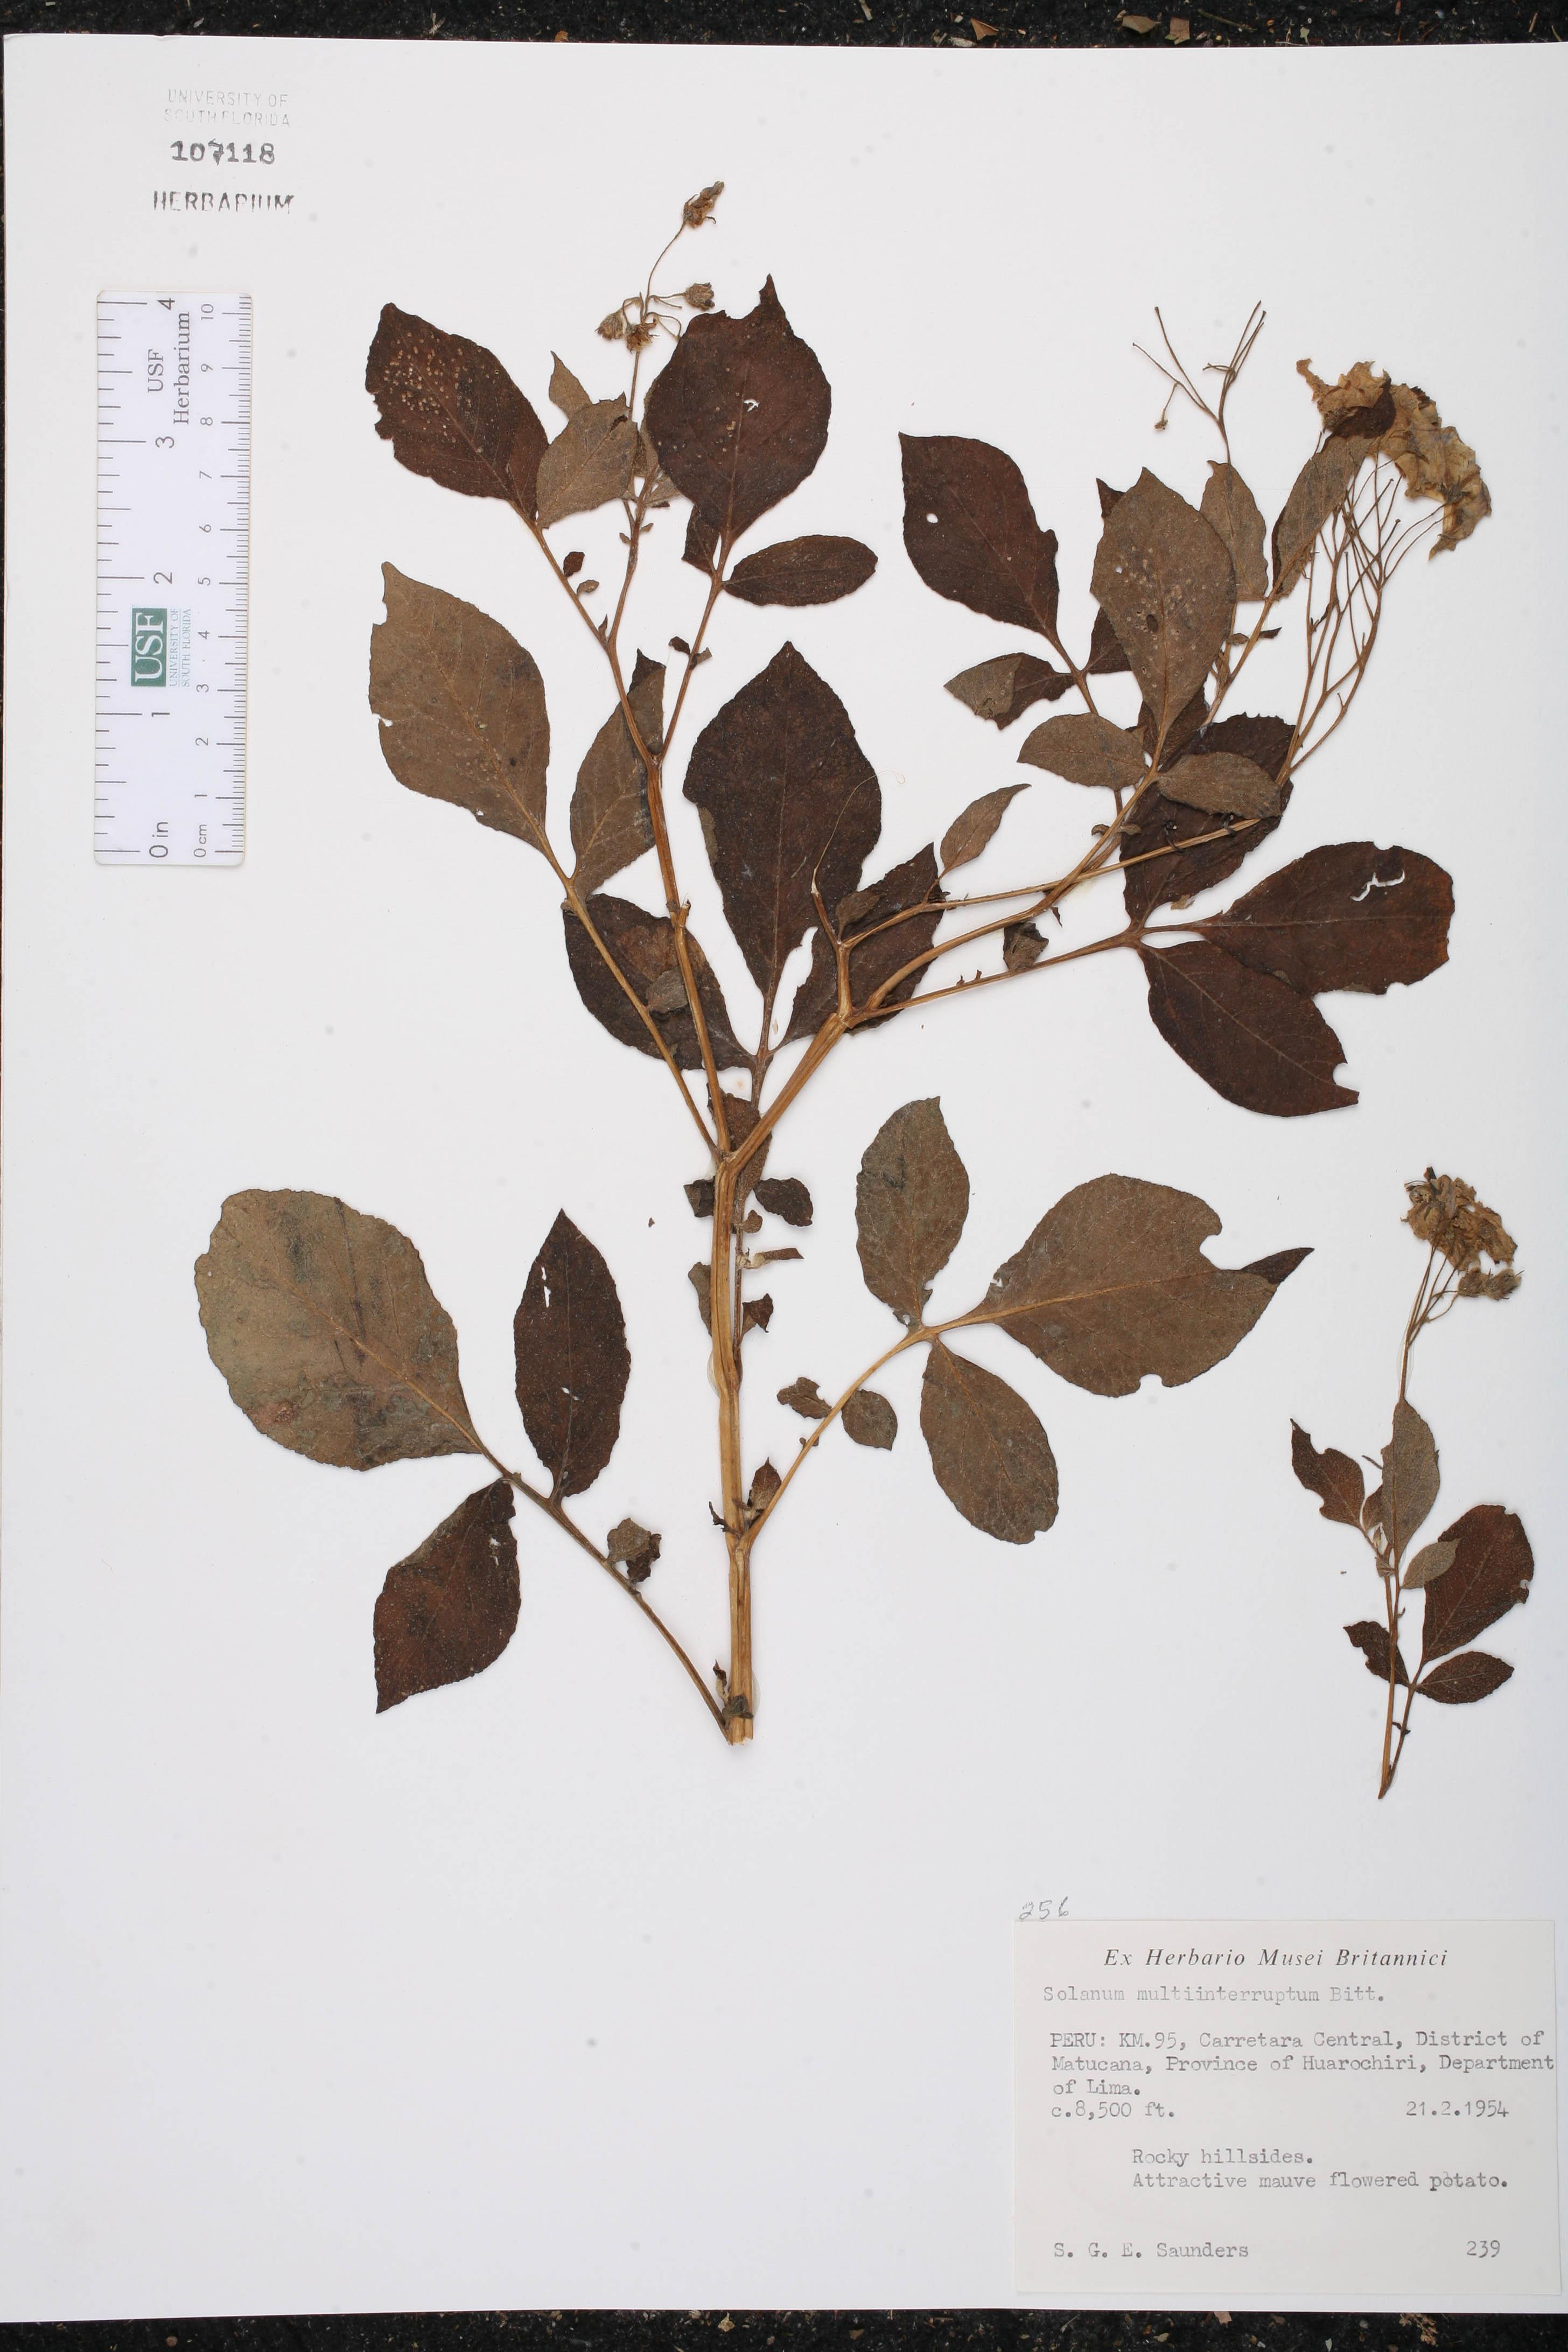 Solanum multiinterruptum image